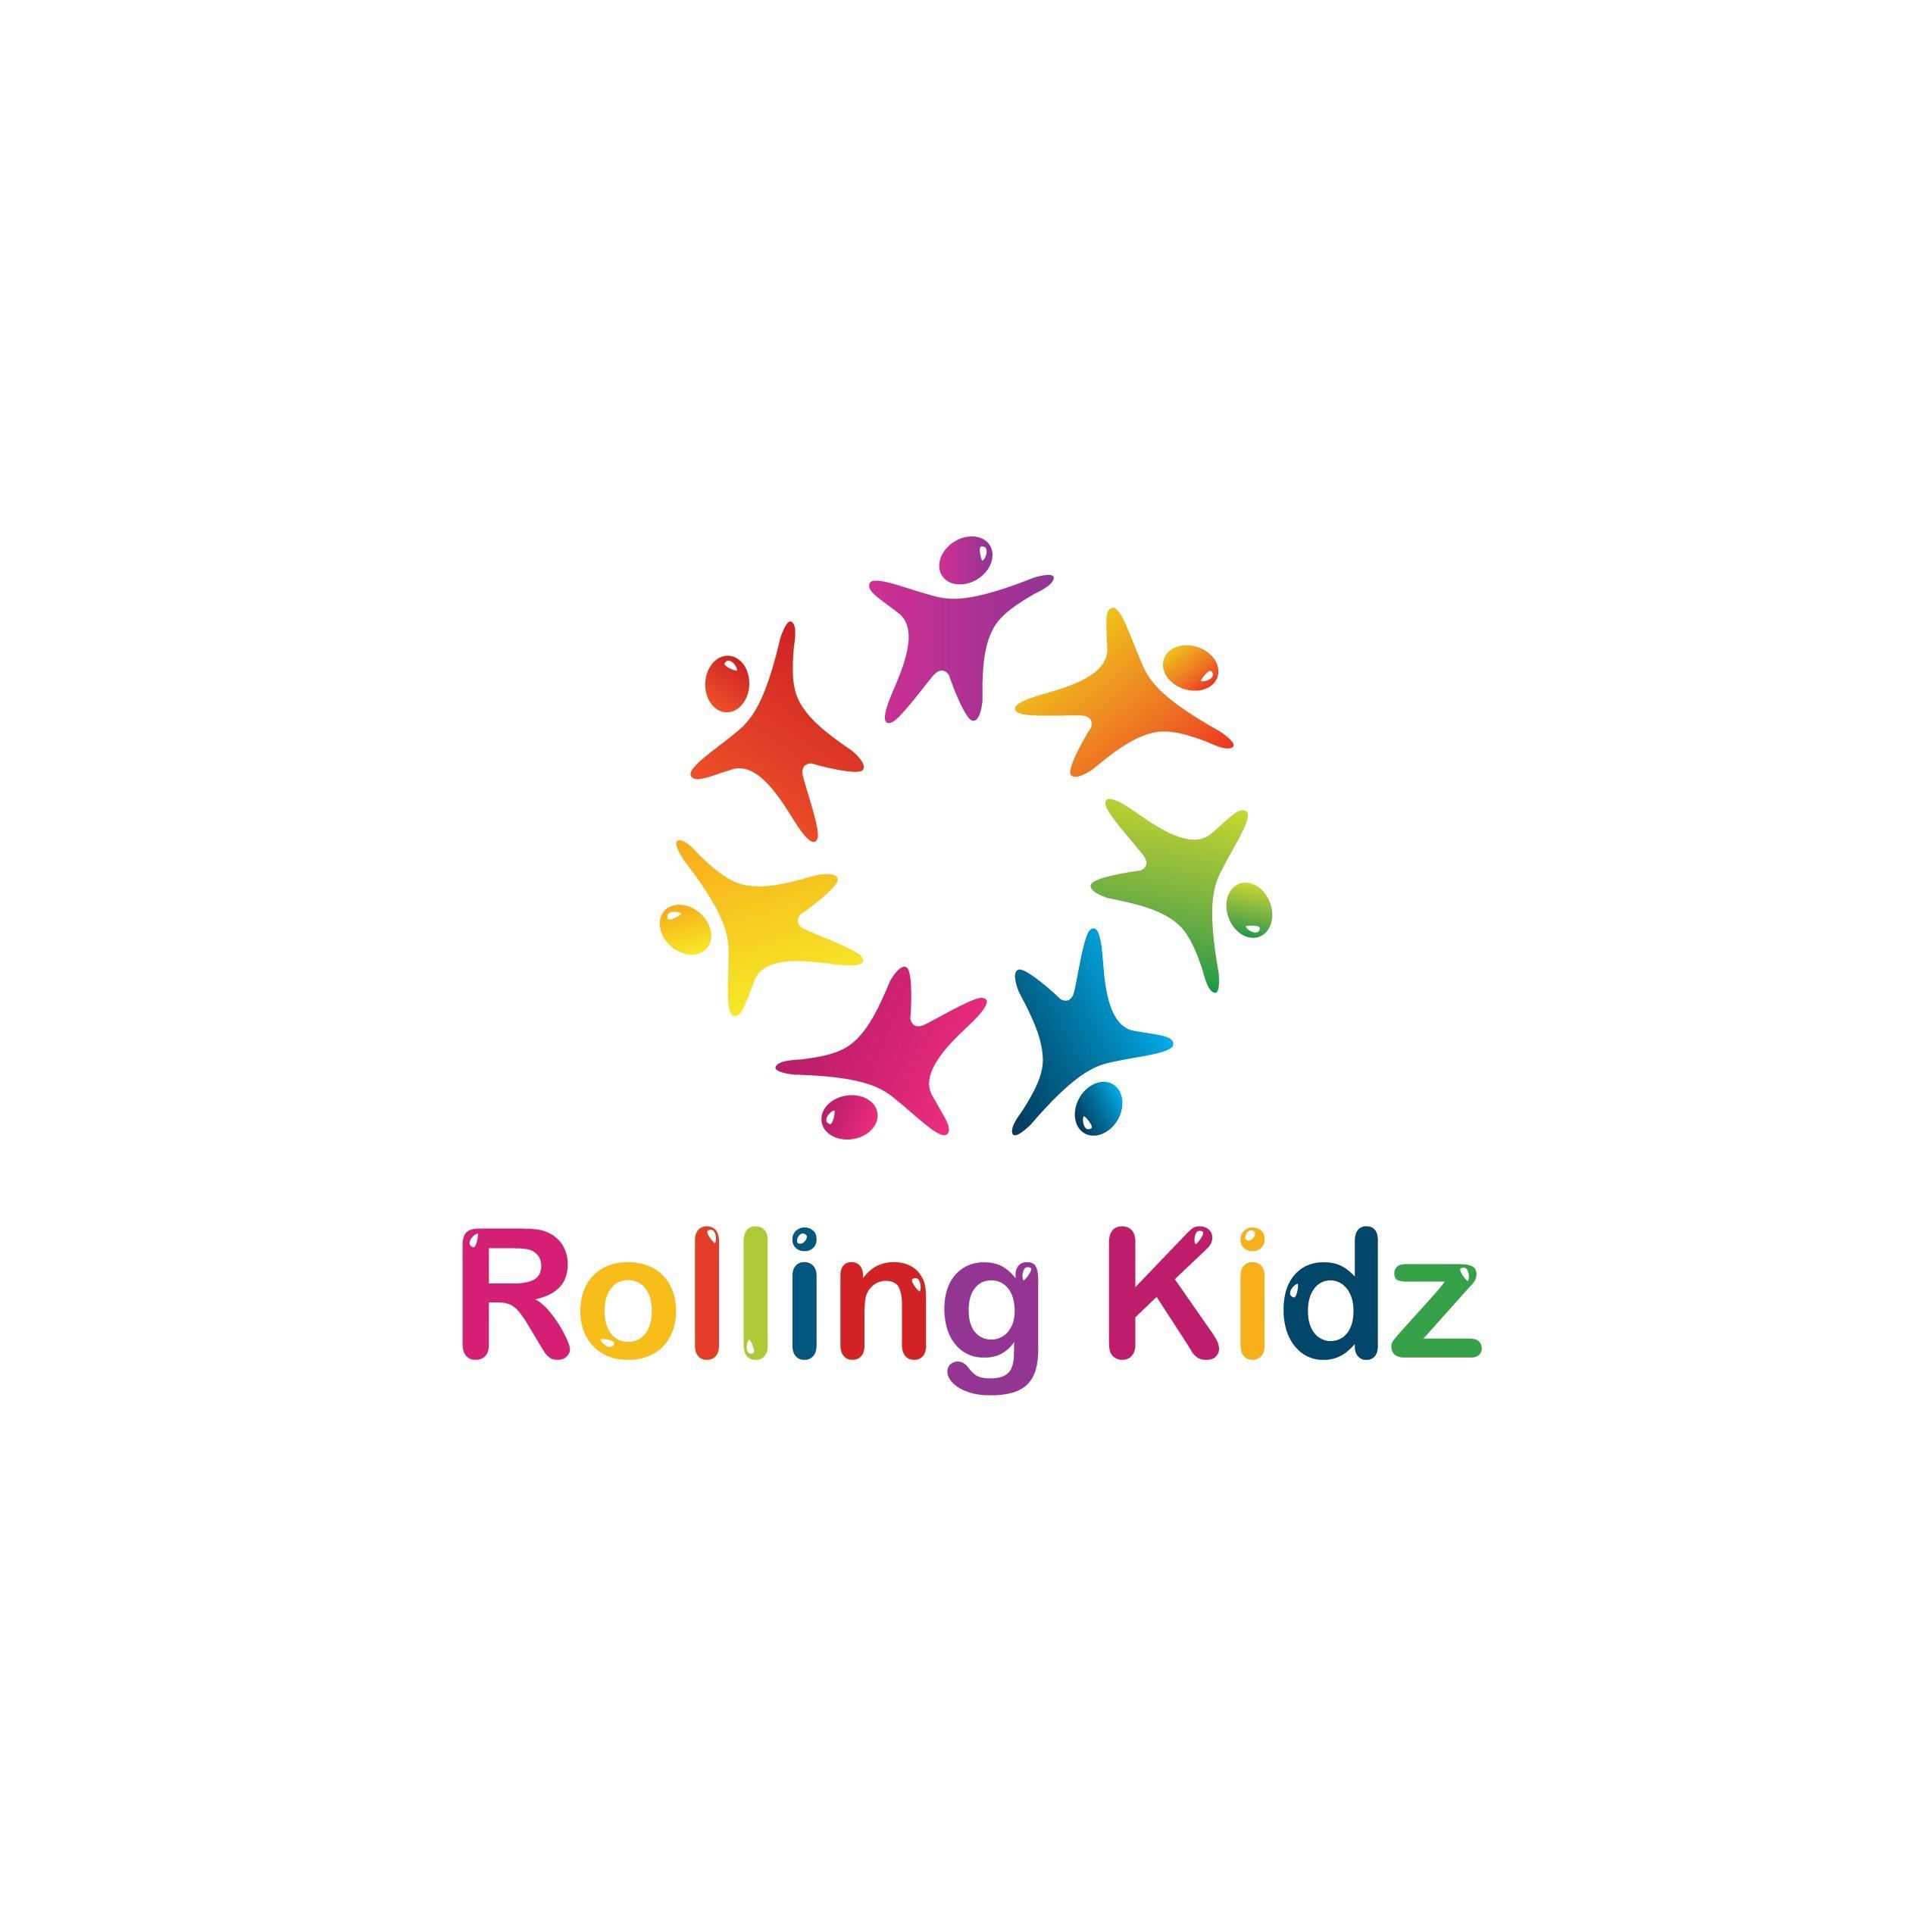 Rolling Kidz